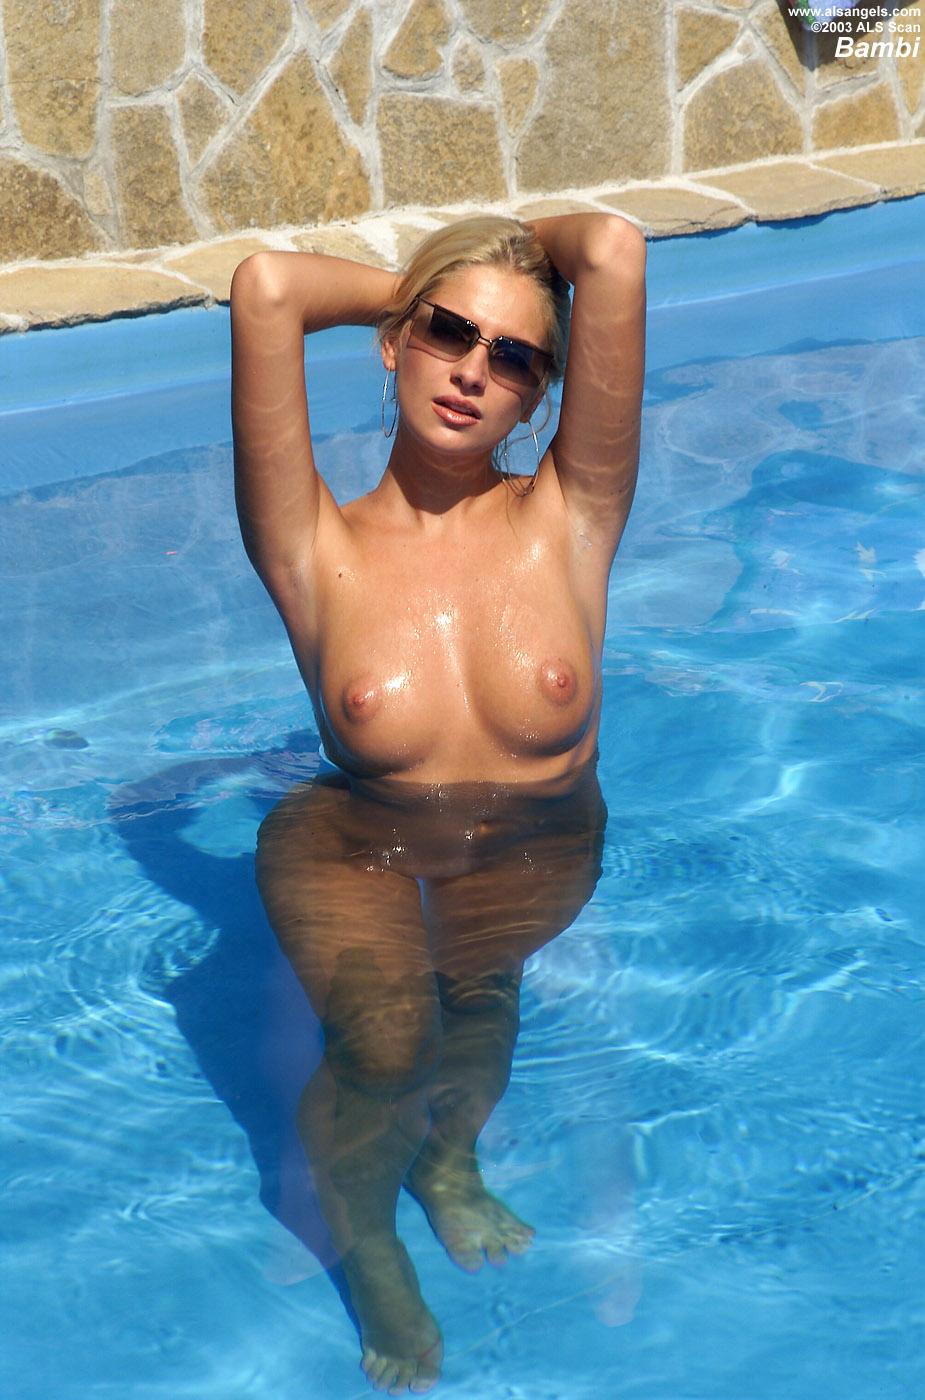 Nake sluts in a pool